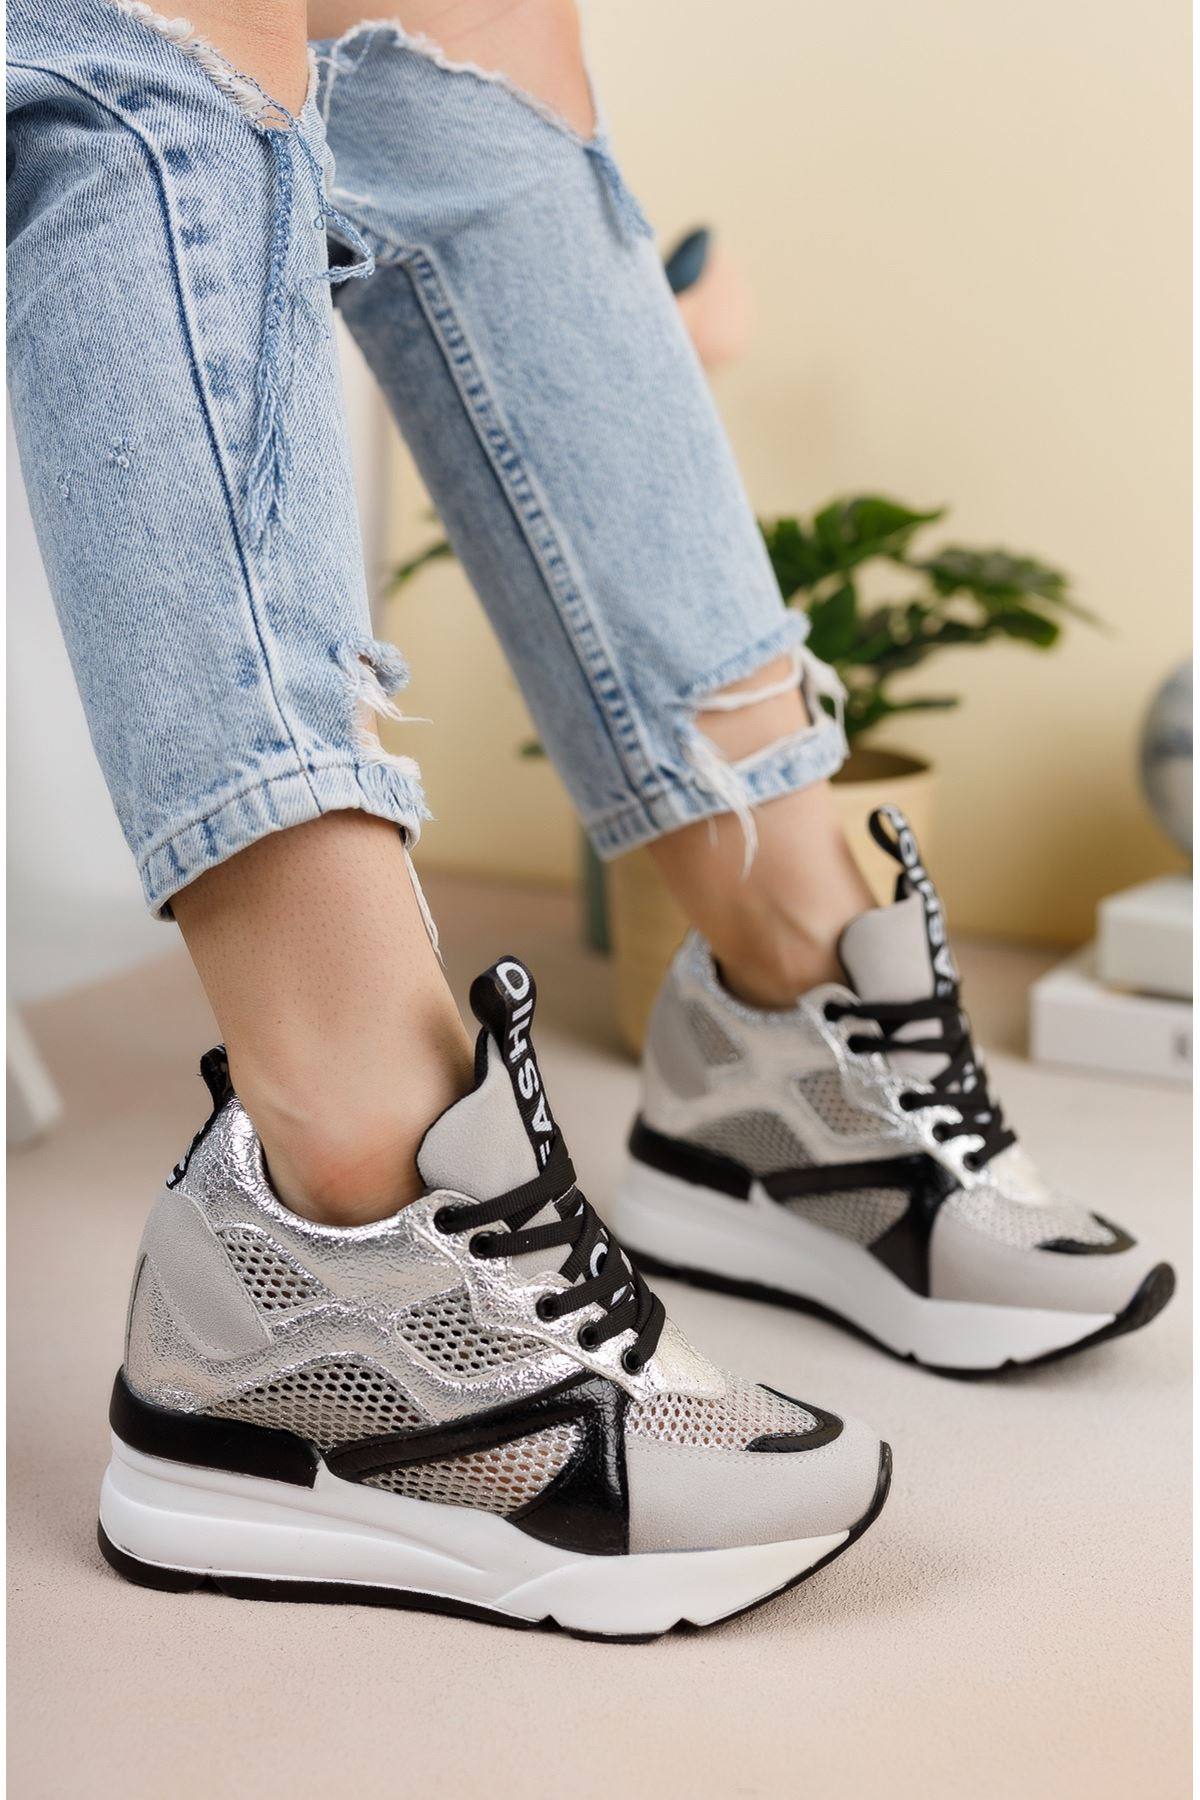 Gümüş File Detaylı Gizli Topuklu Spor Ayakkabı